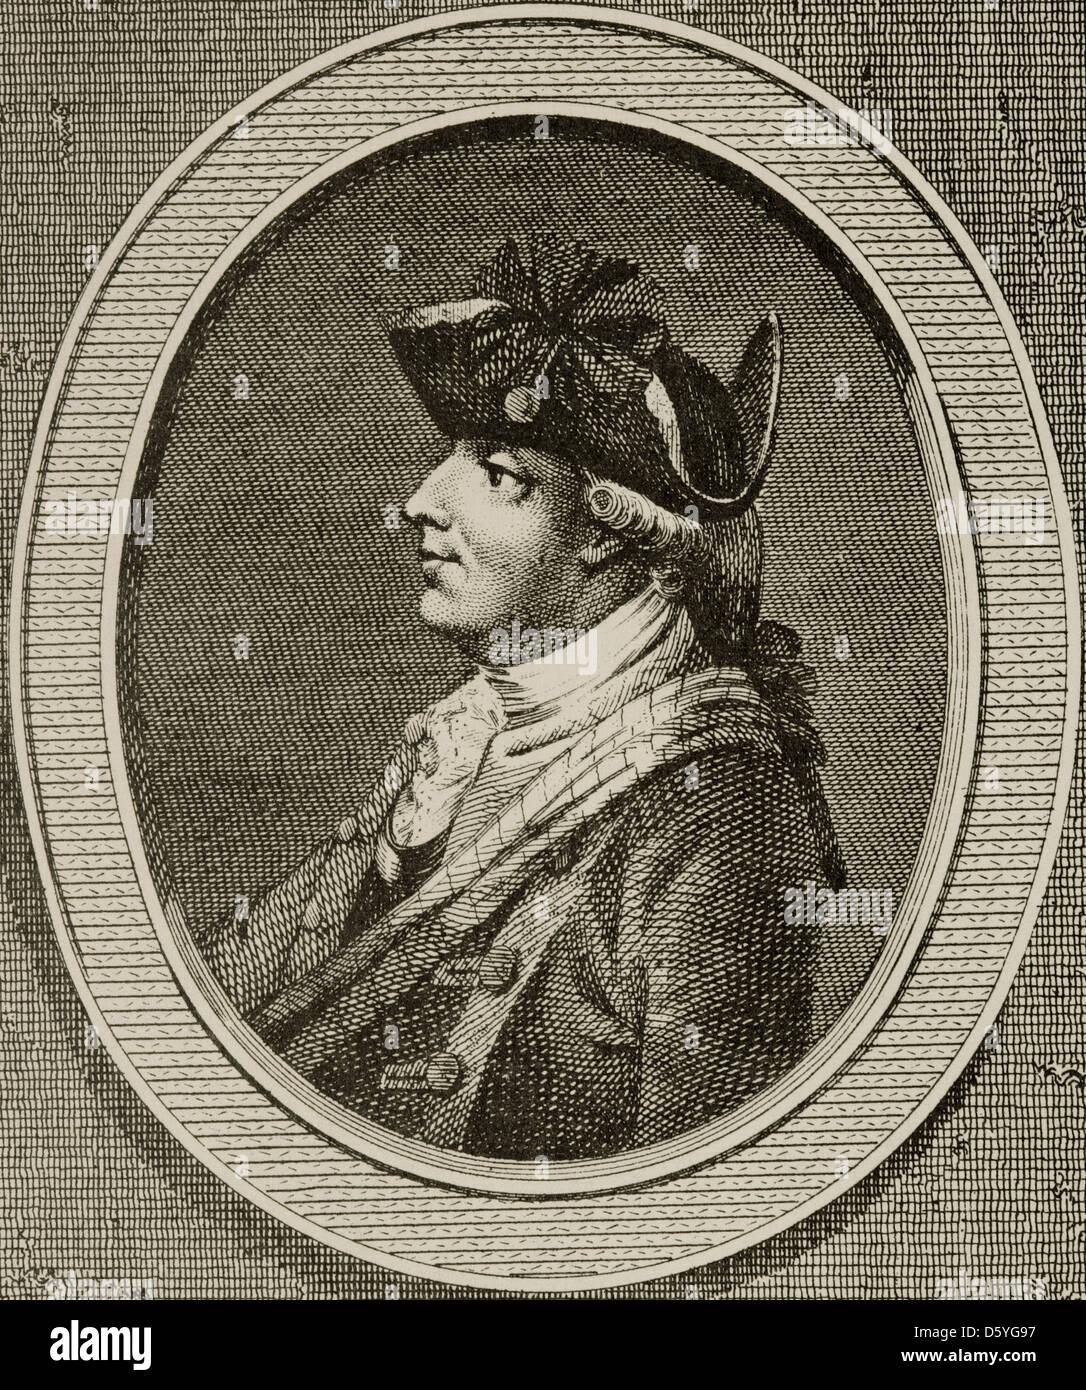 Henry Clinton (1730-1795). Britische Militär und Politiker. Gravur in amerikanische Revolution. Stockbild